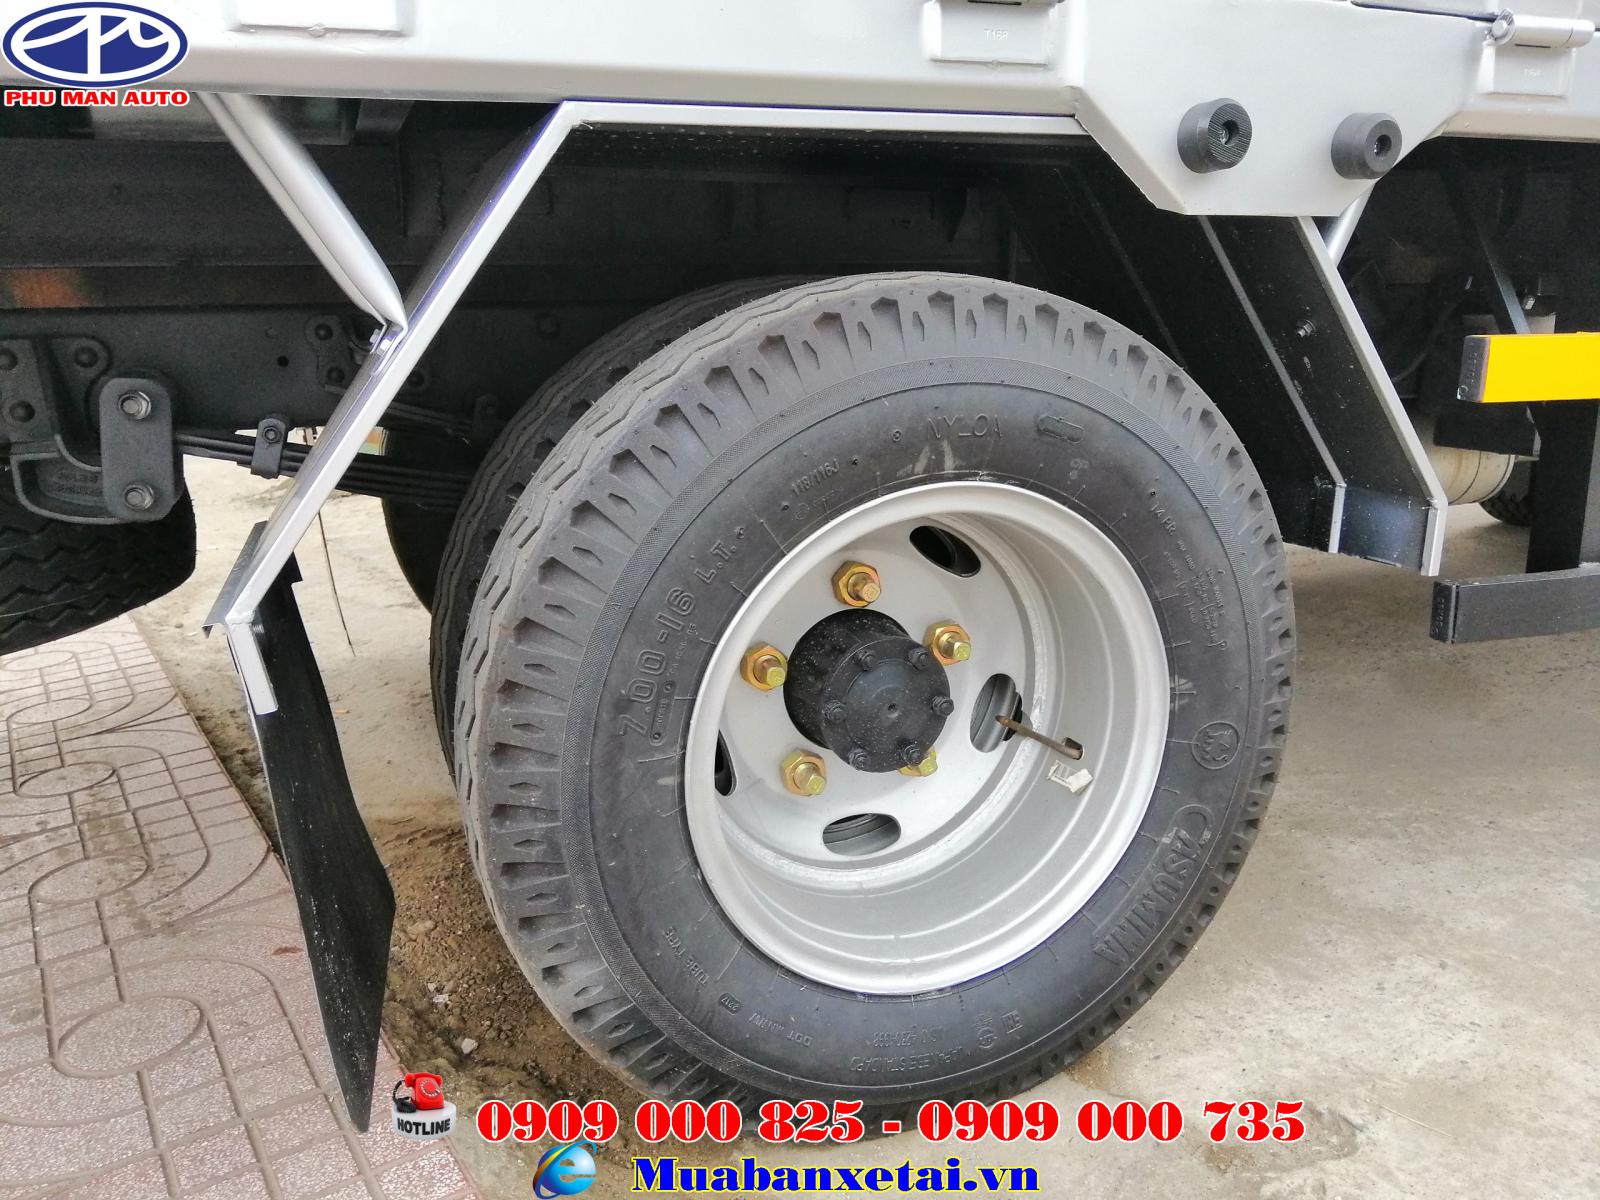 Bình nhiên liệu Cụm đèn pha xe tải jac 2t4